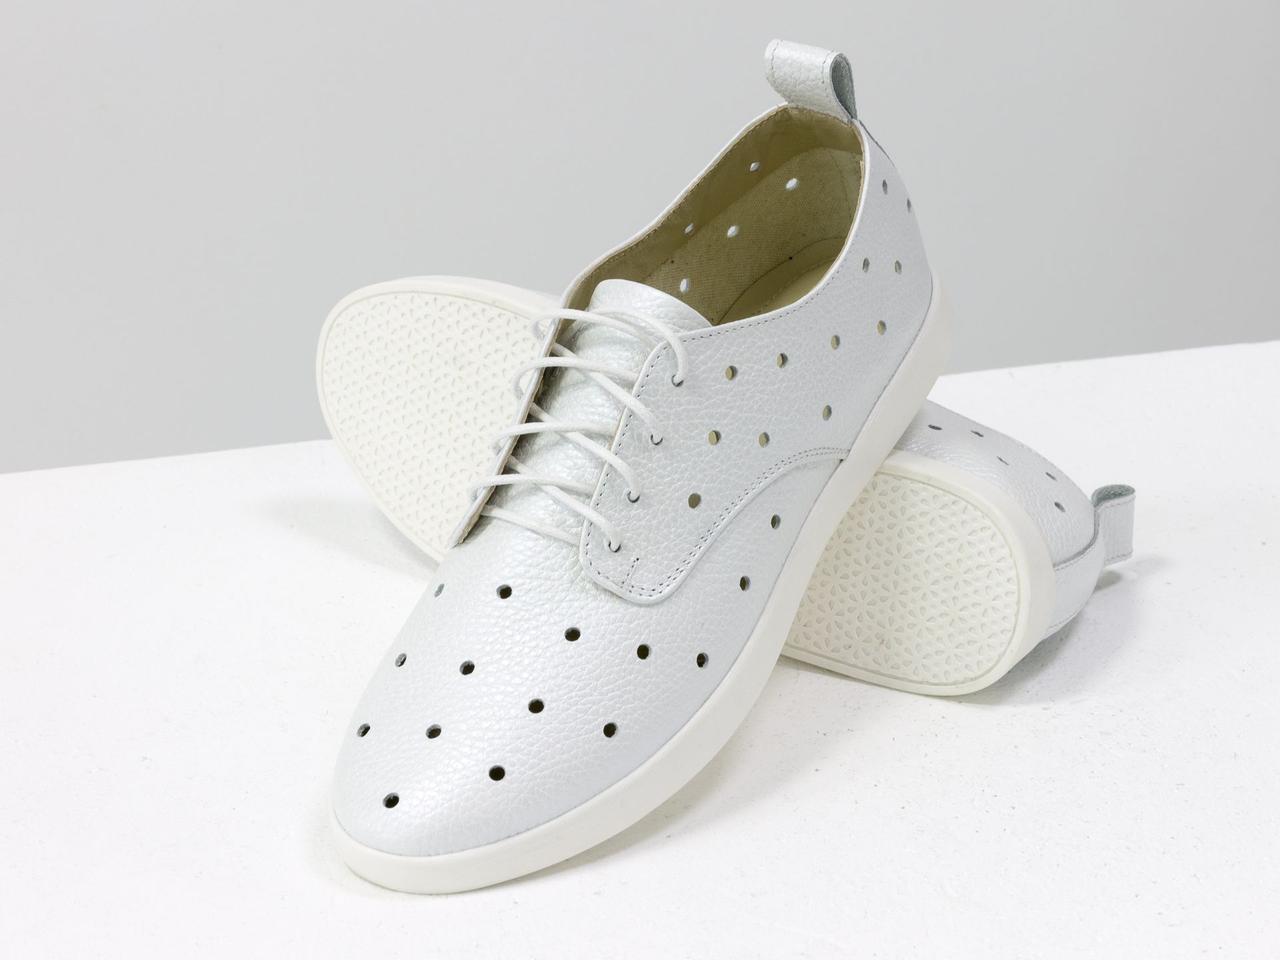 Легкие туфли из натуральной кожи белого цвета с перфорацией по всей поверхности 39 - фото 3